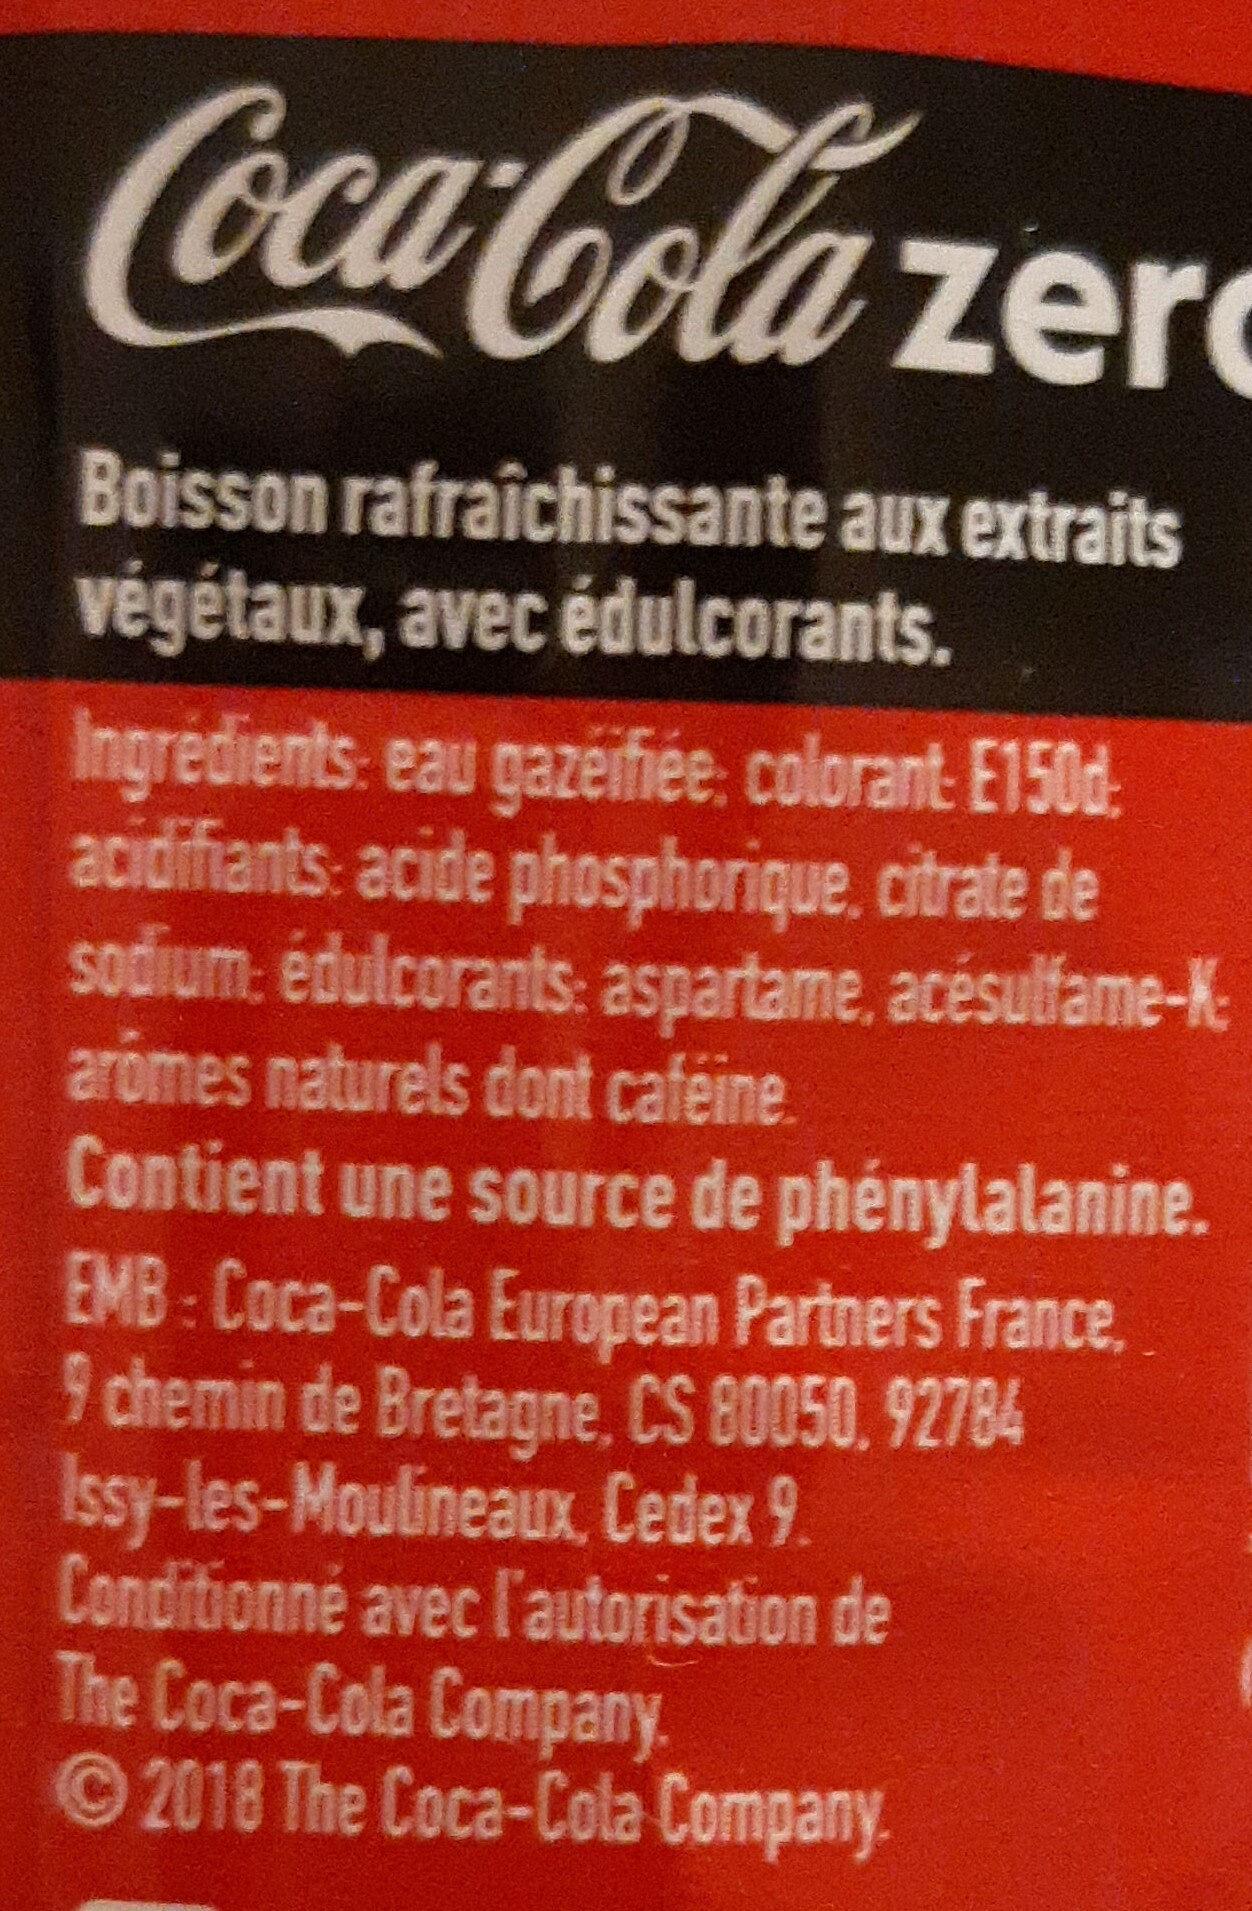 Coca-Cola zéro sucres - Zutaten - fr